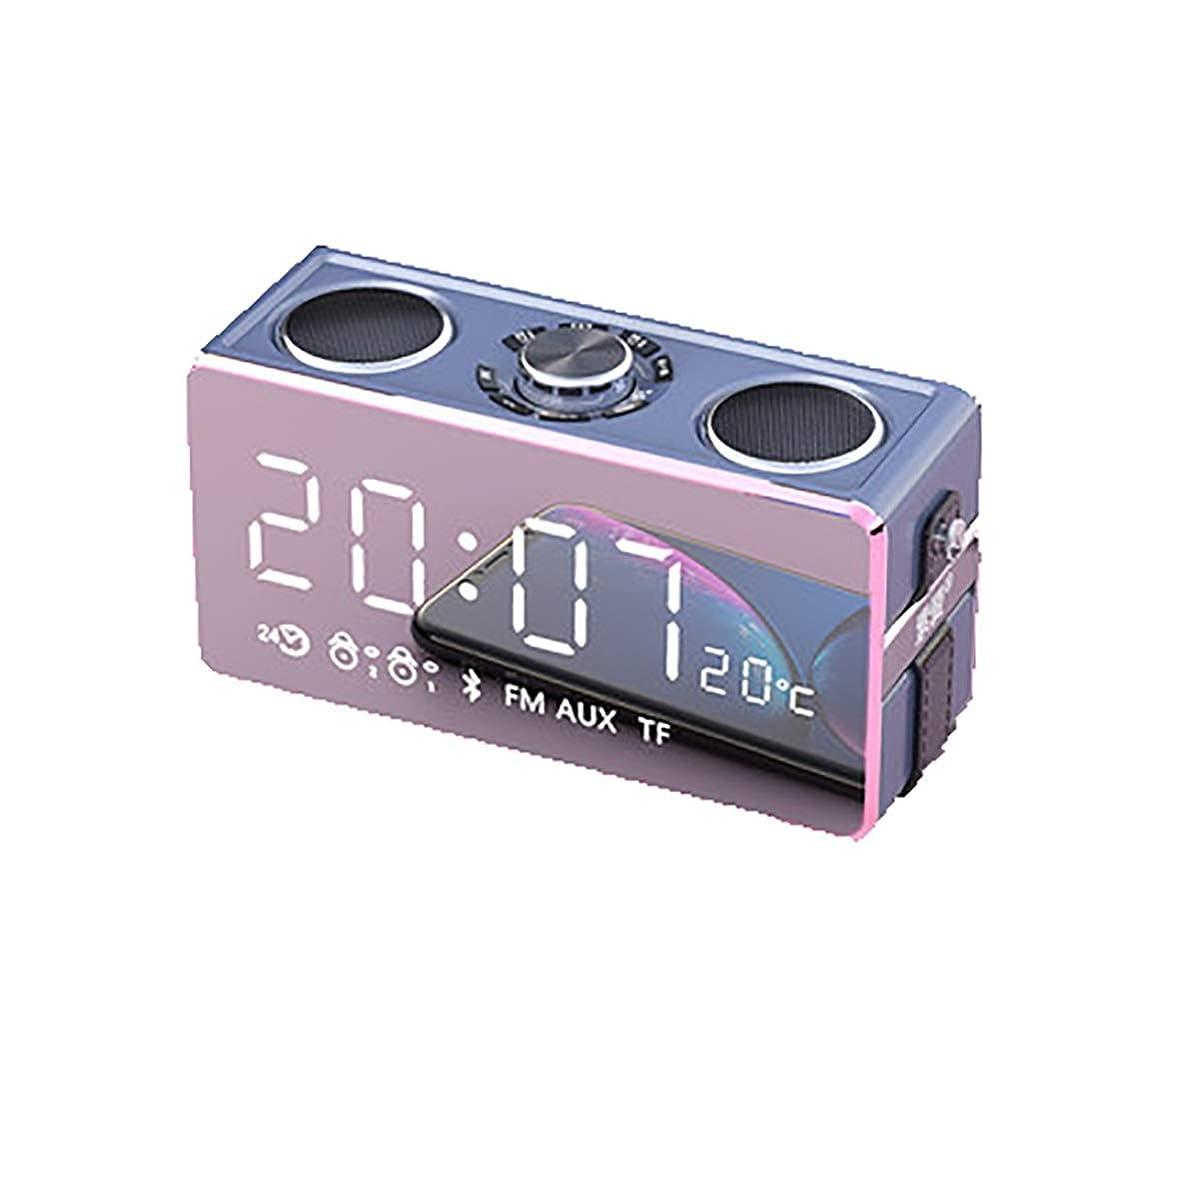 合唱団詩人に応じてHENGXIANG ワイヤレスBluetoothスピーカー太りすぎサブウーファーホーム大量屋外の携帯電話のオーディオスマート3Dサラウンド小キャノンミニ車のポータブルインパクトラジオ付き目覚まし時計 (Color : Pink)